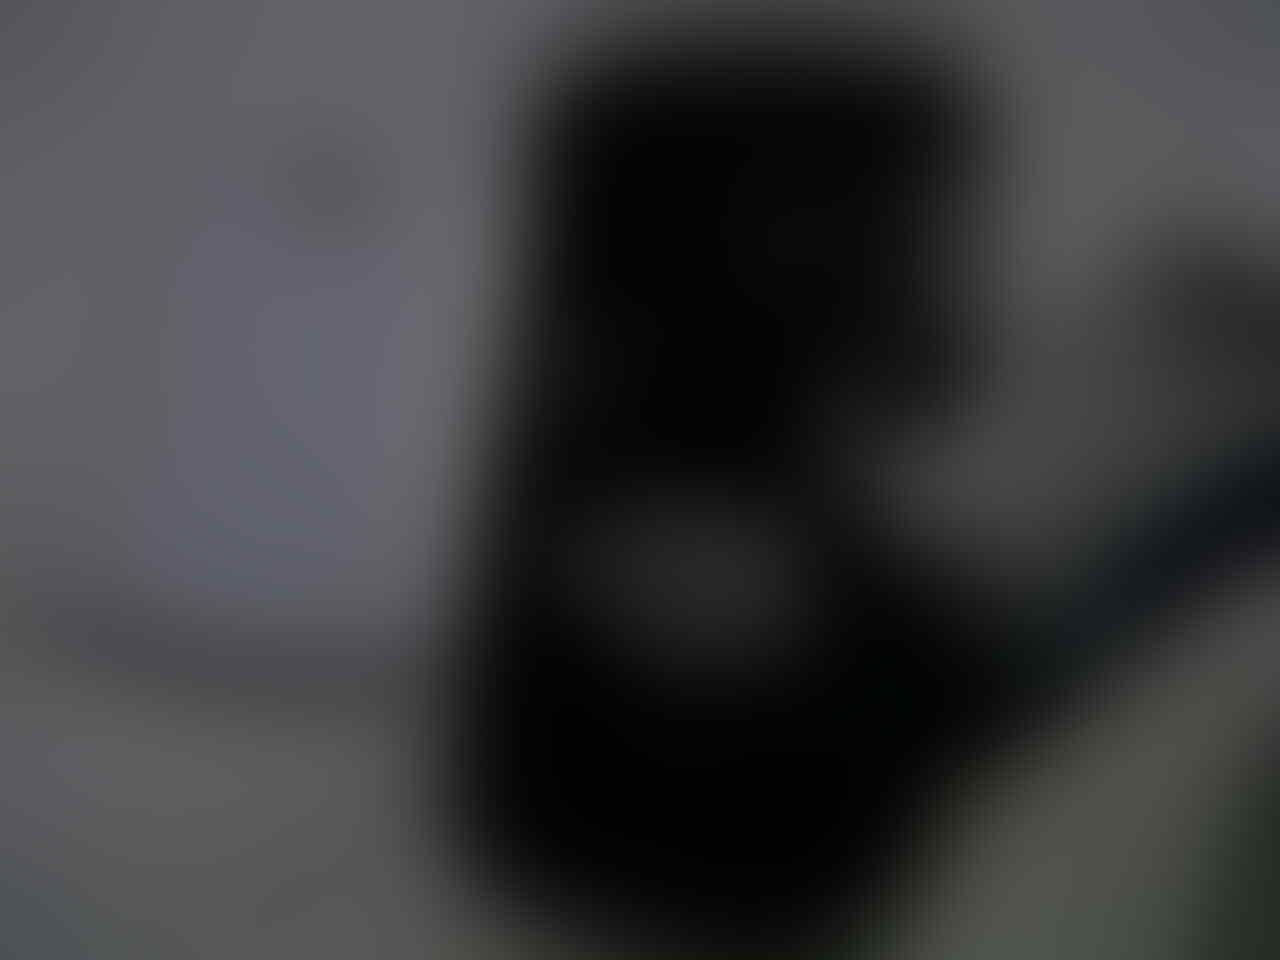 BLACKBERRY GEMINI 8530 FULL SET